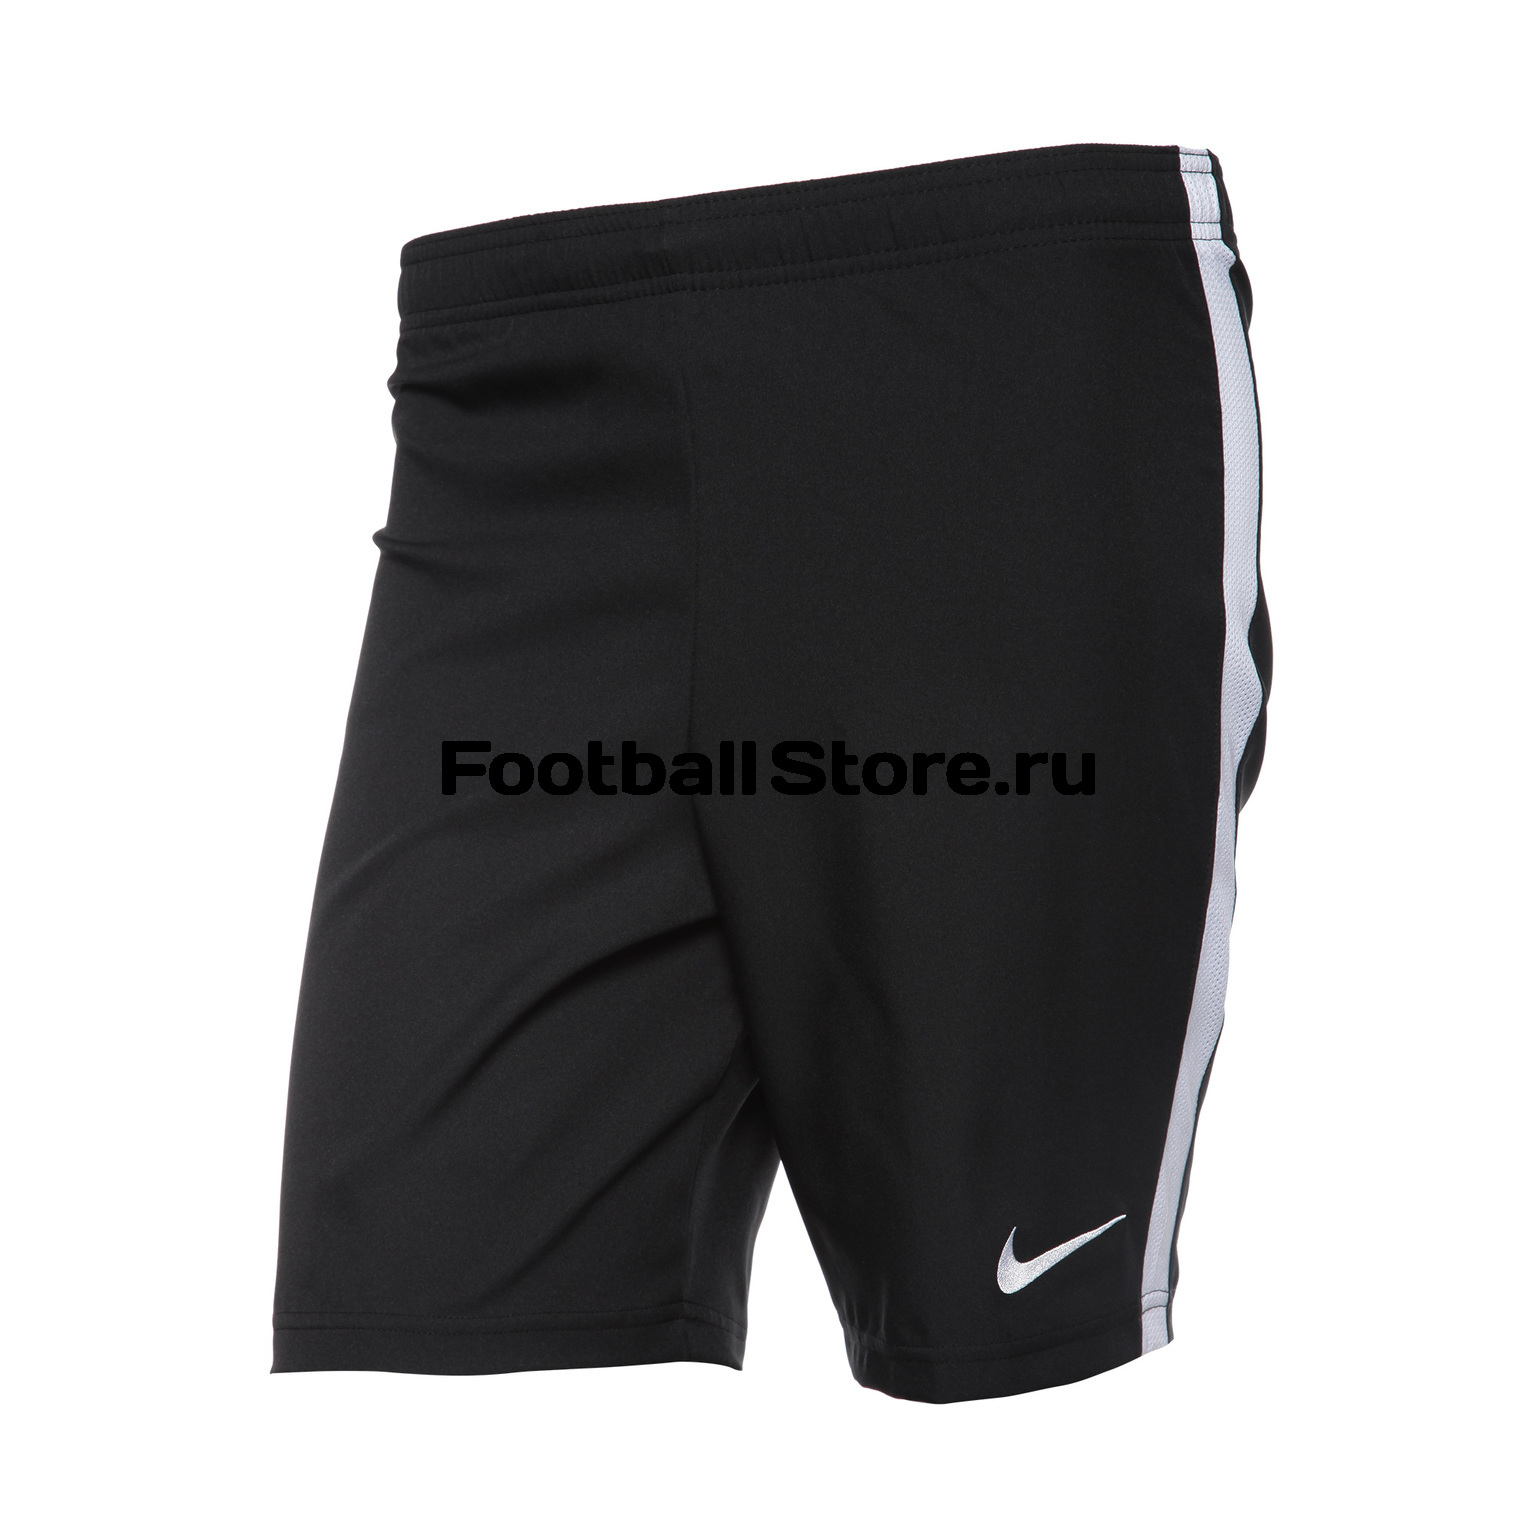 Шорты тренировочные Nike Dry Short II WVN 894331-010